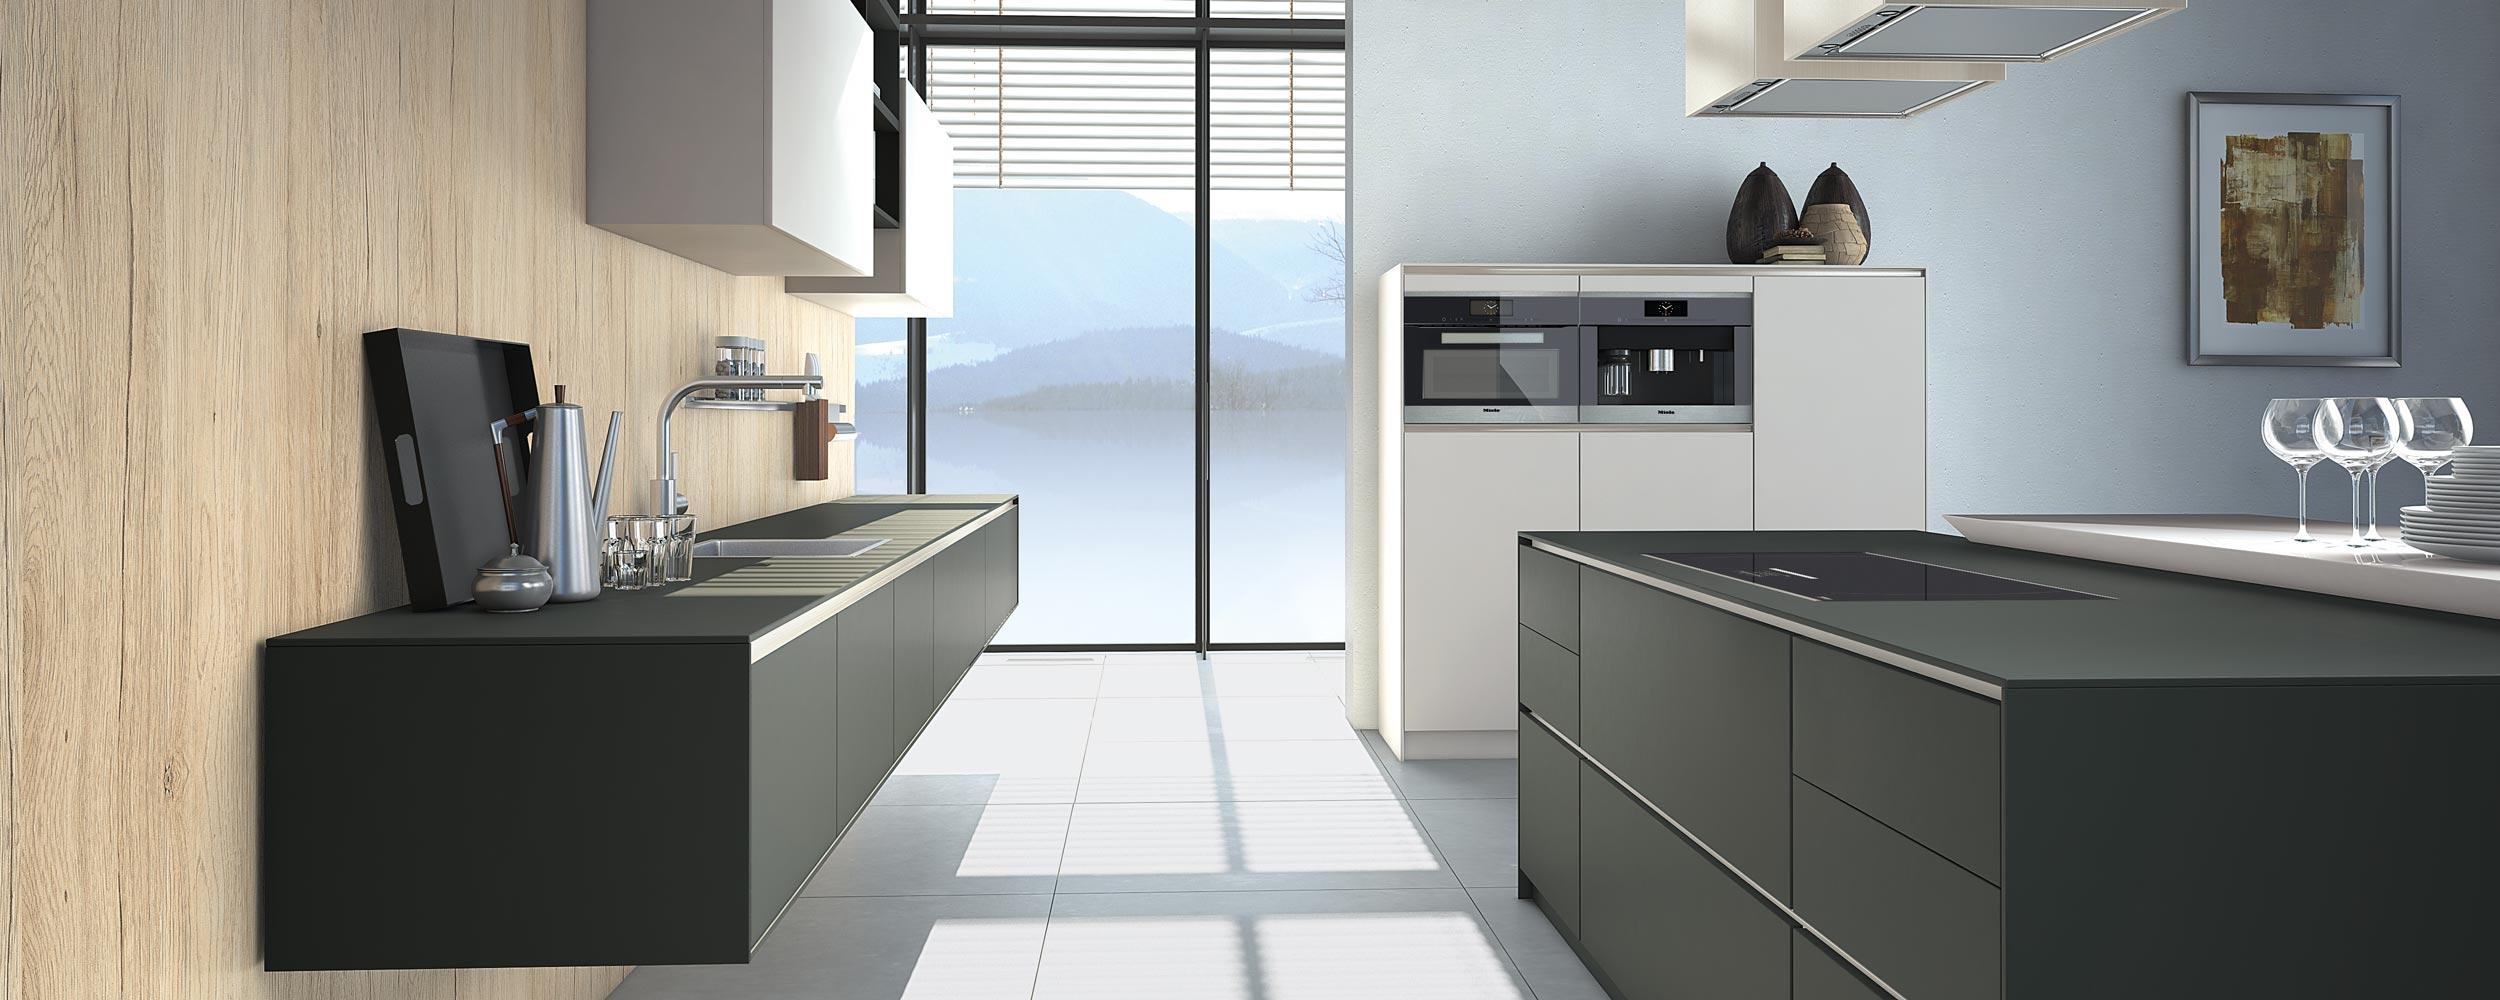 modern-kitchen-design-edinburgh